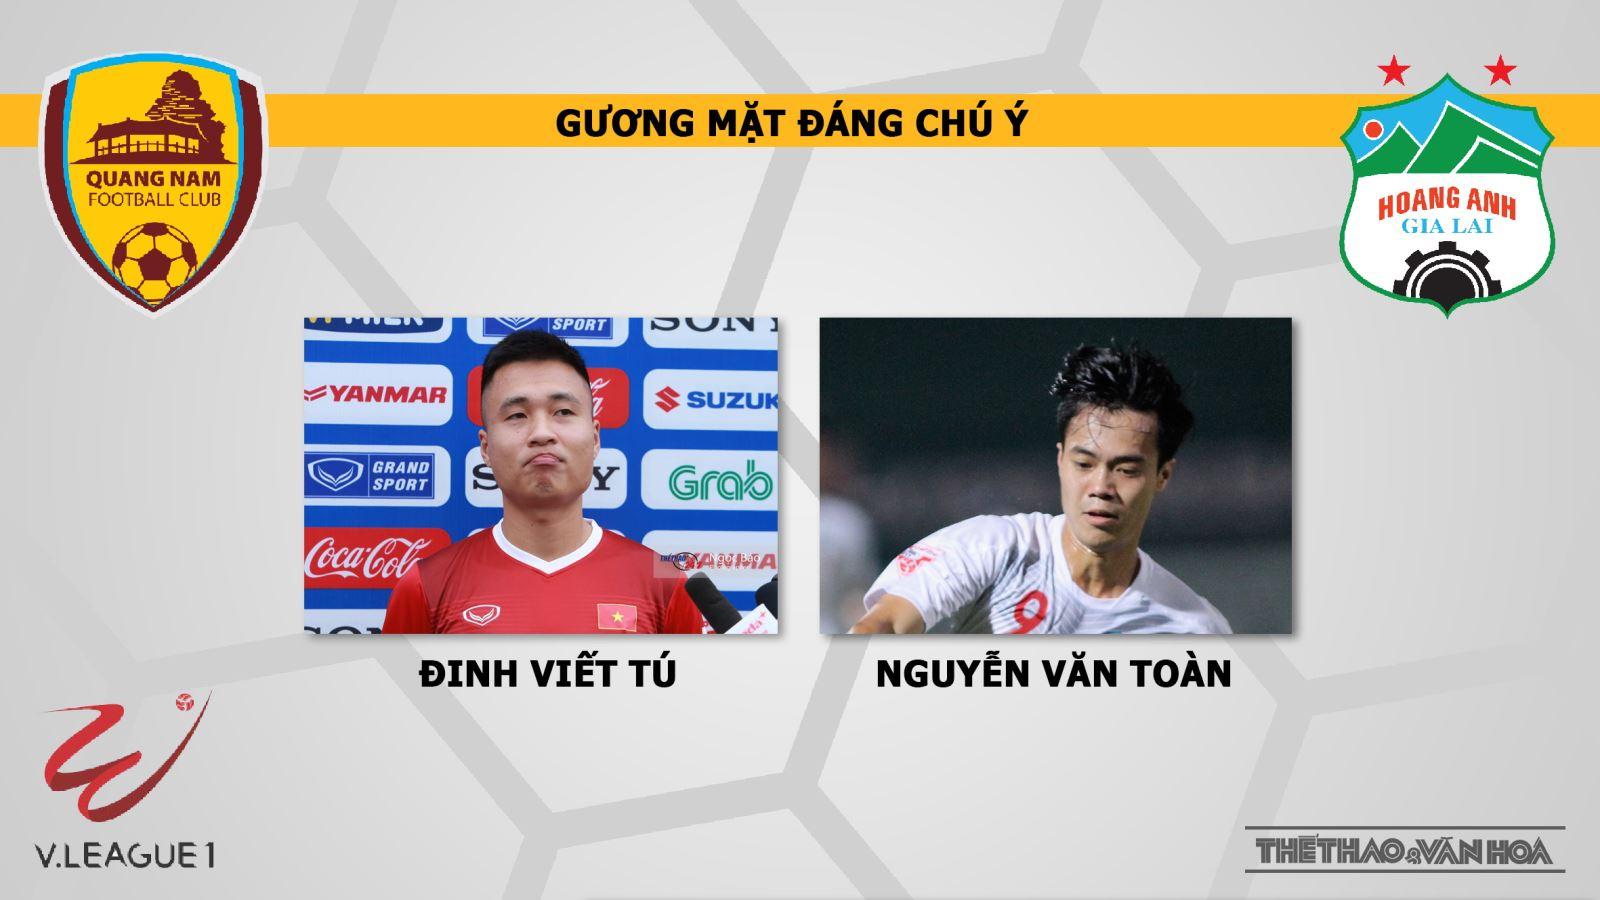 Quảng Nam vs HAGL. Trực tiếp bóng đá. HAGL. VTV6. Trực tiếp HAGL. V League 2019